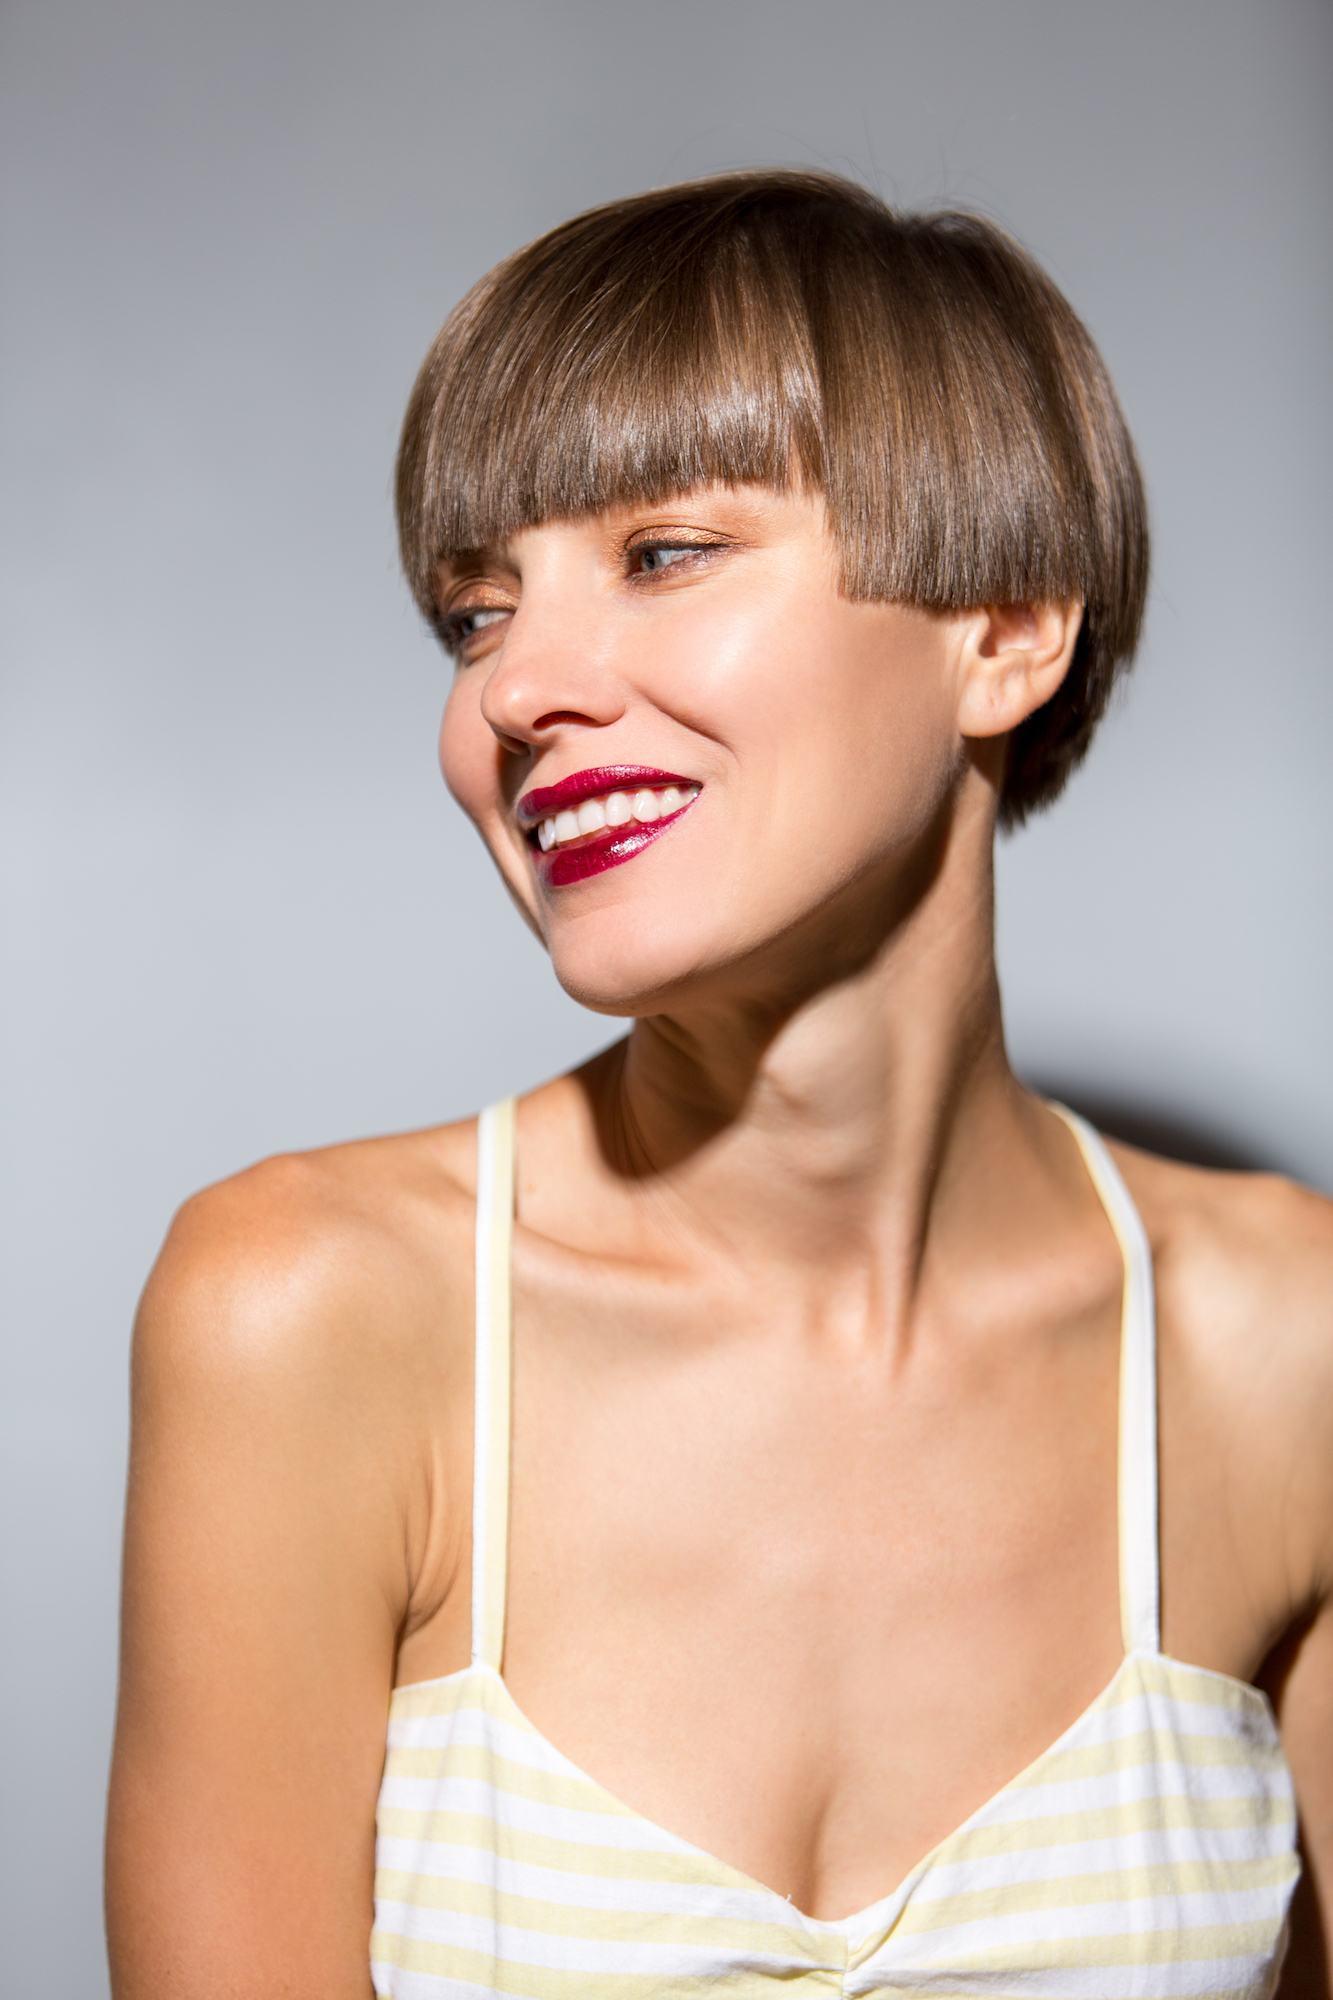 15 Ide warna rambut yang keren untuk rambut pendek - All ...